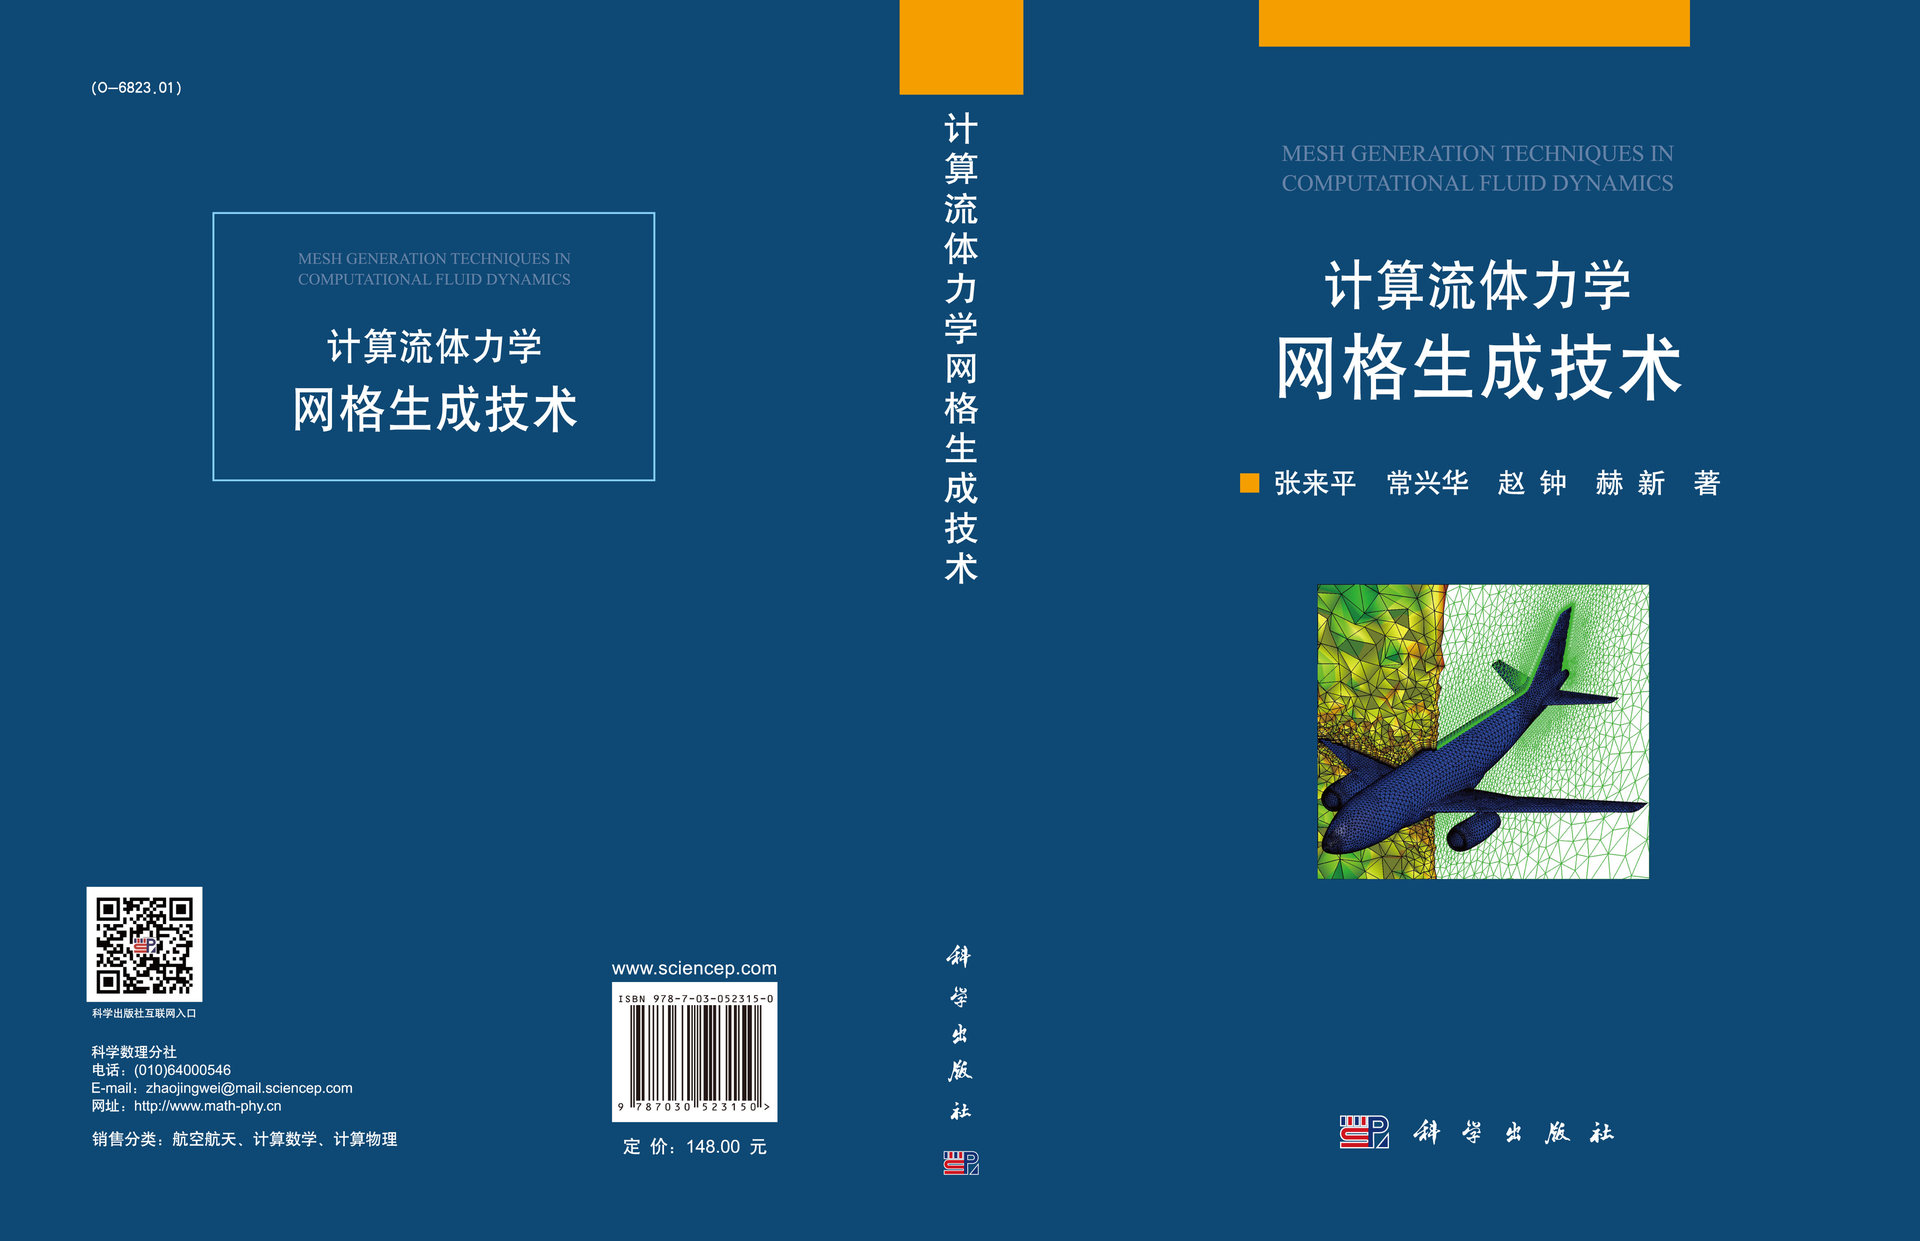 計算流體力學網格生成技術-preview-5